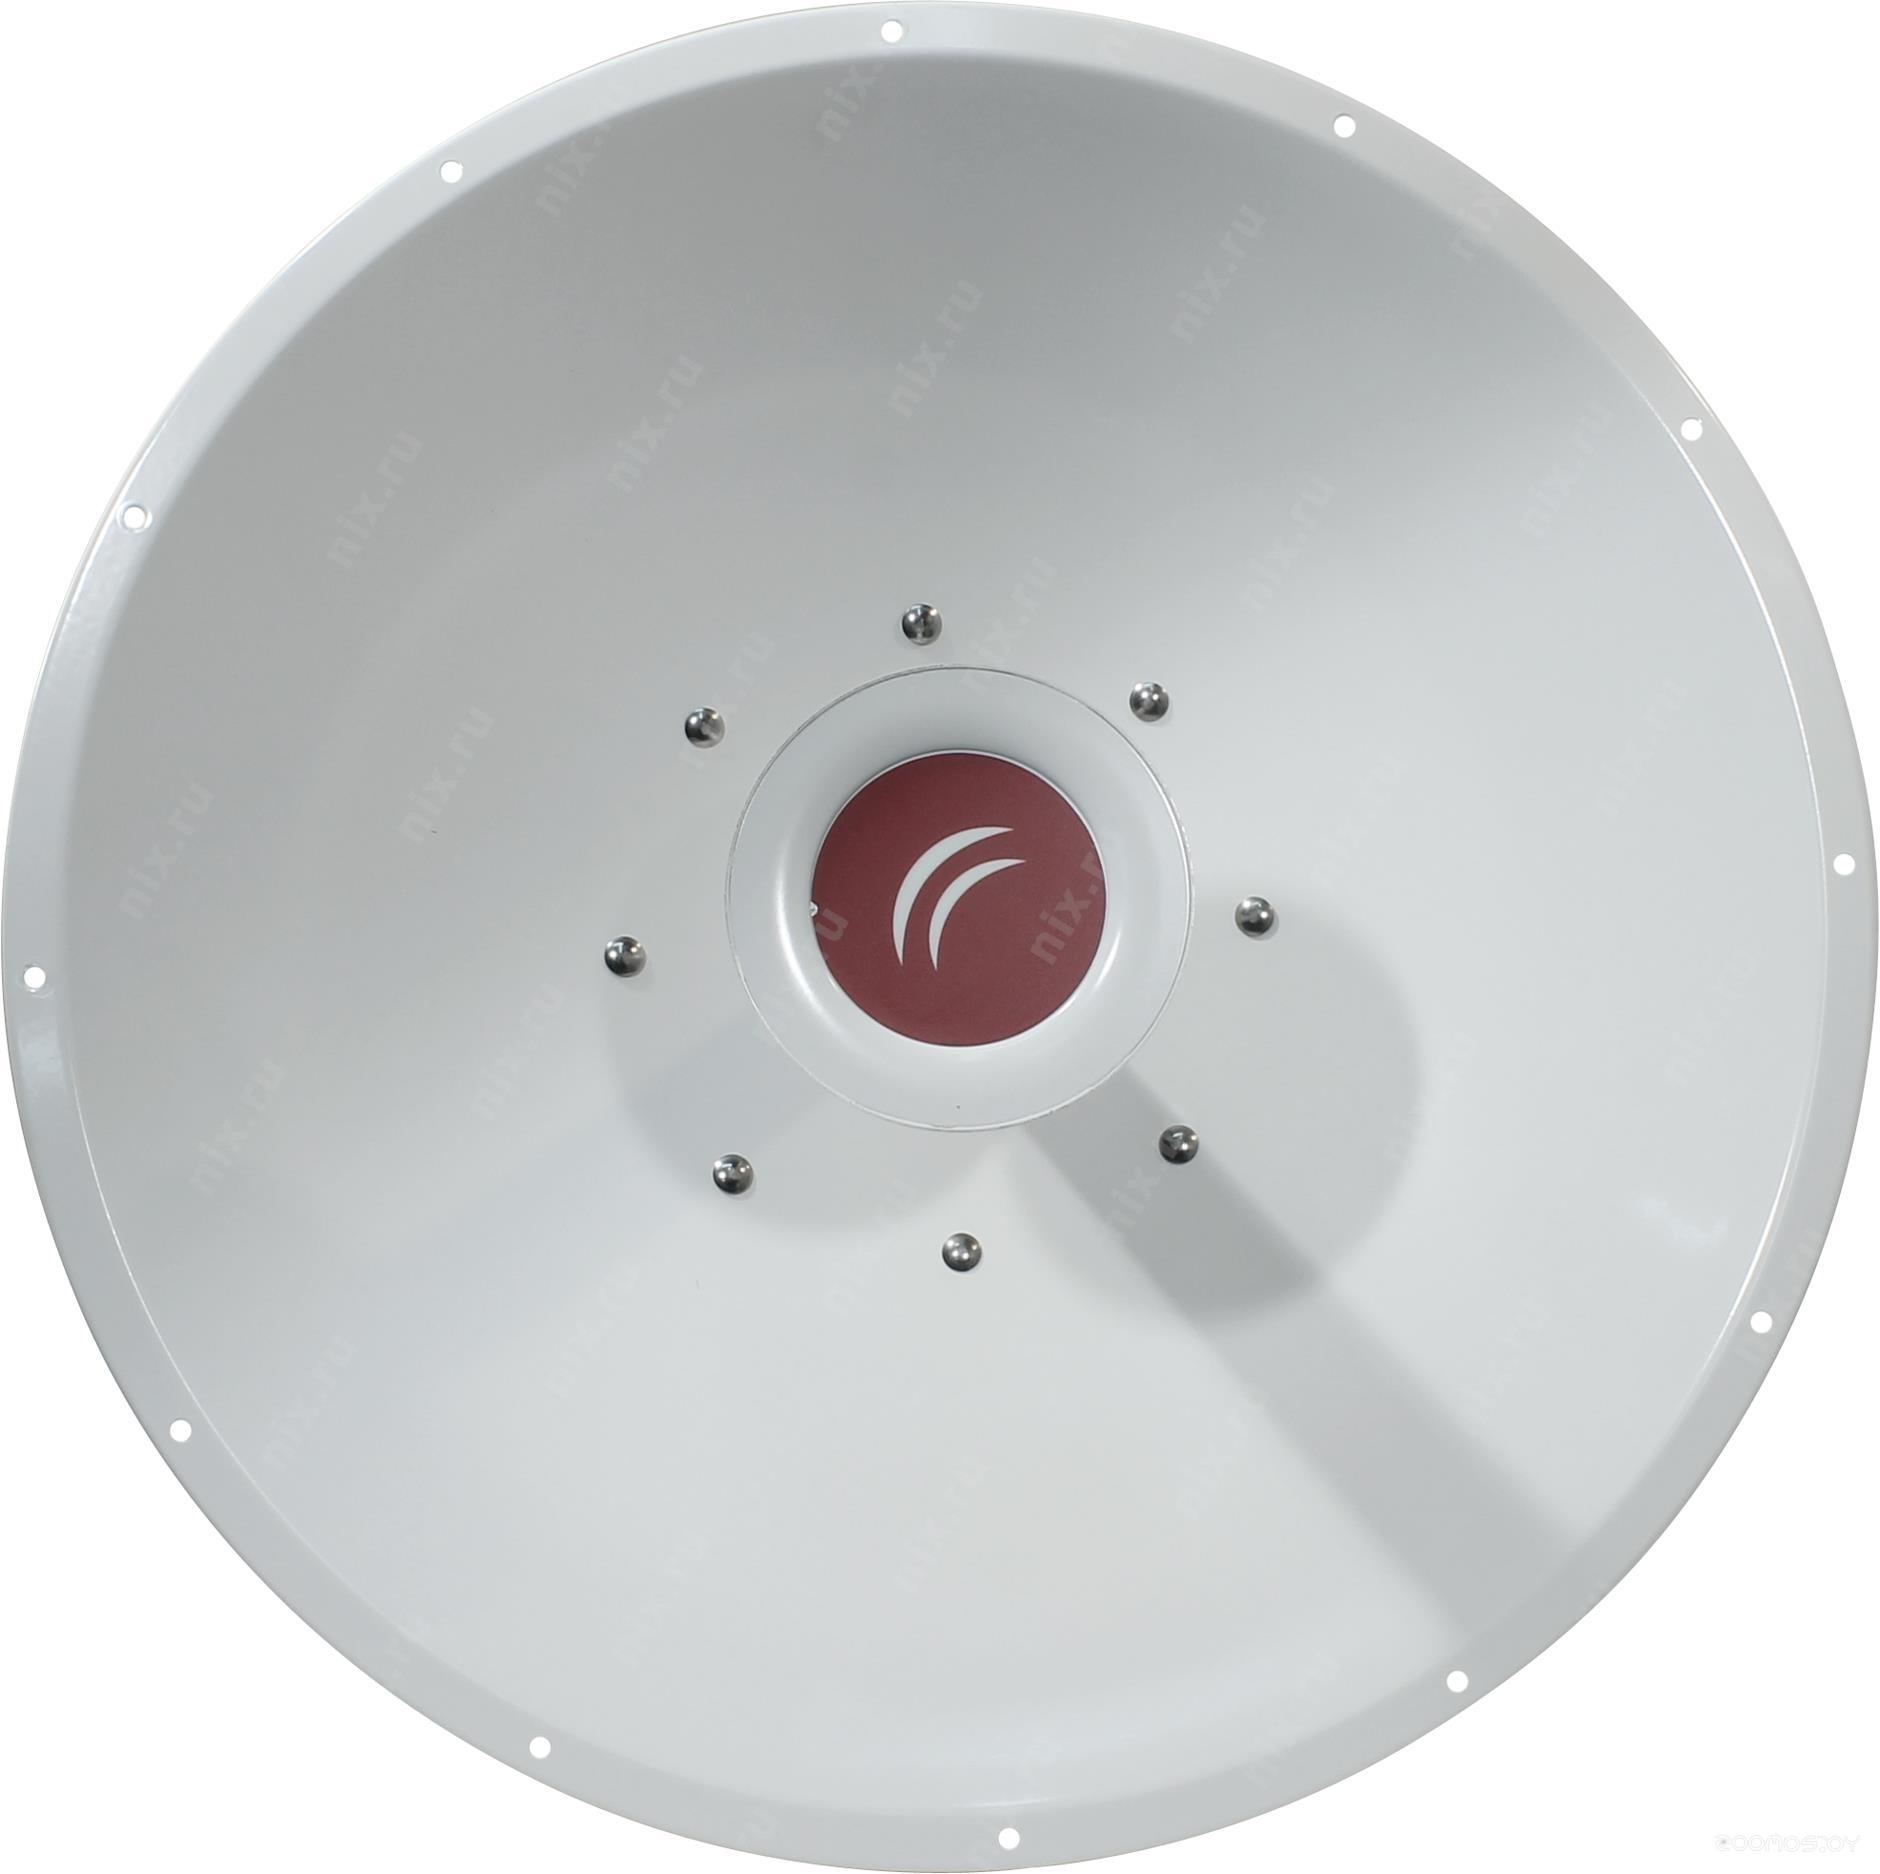 Антенна для беспроводной связи MikroTik mANT30 PA (MTAD-5G-30D3-PA)